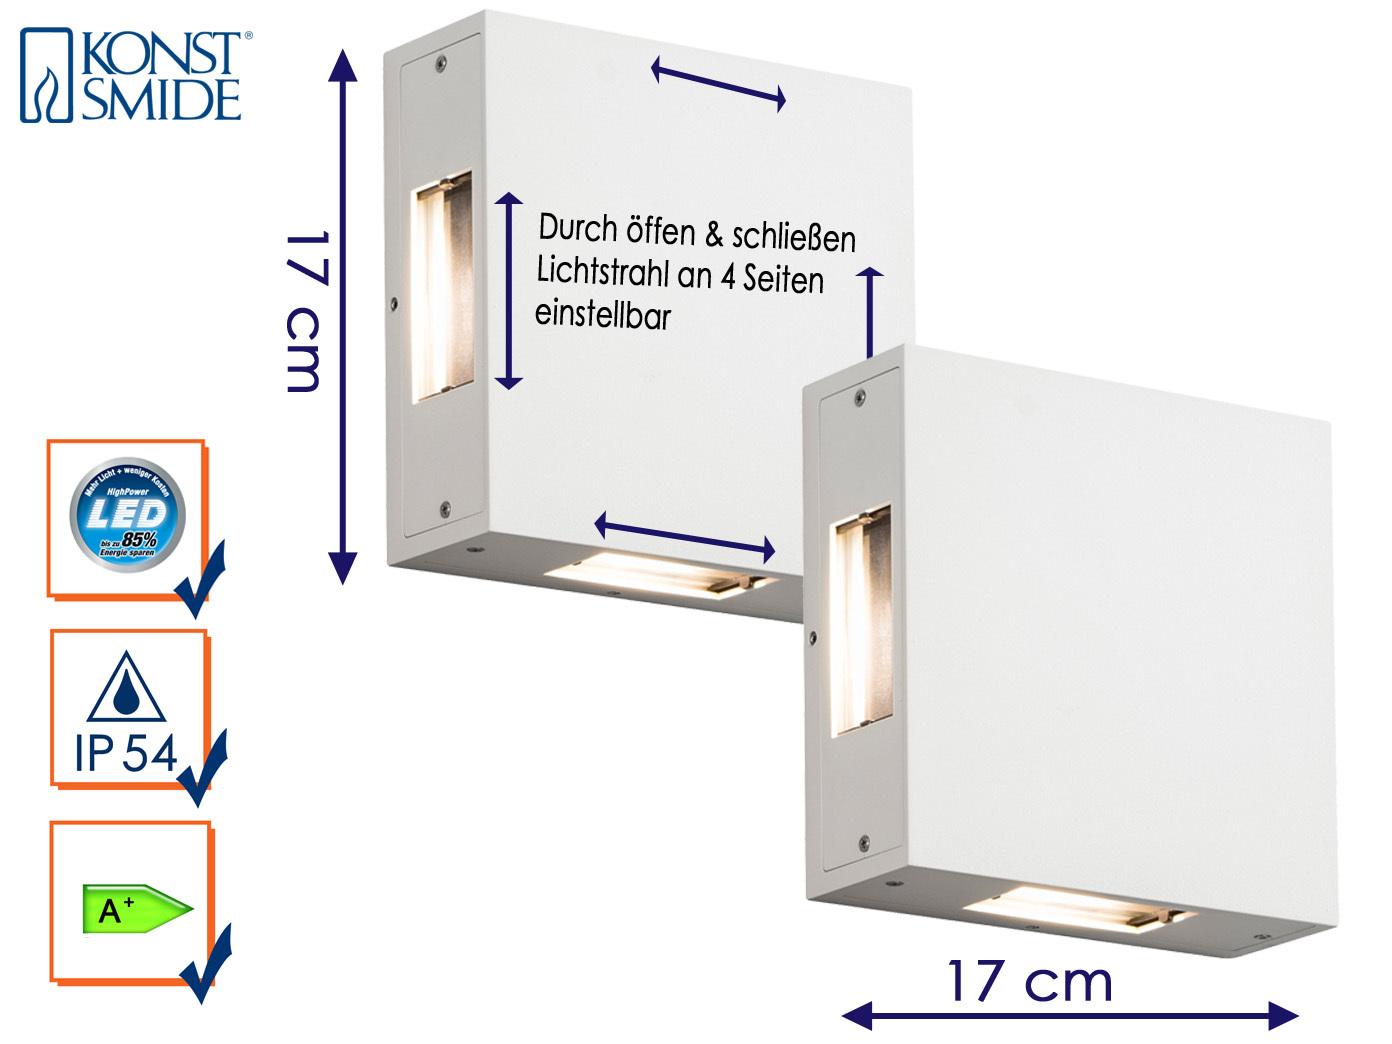 2er-Set LED Außenwandleuchte CREMONA weiß Lichtstrahl individuell einstellbar   Verschiedene Stile und Stile    Sonderpreis    Erste Kunden Eine Vollständige Palette Von Spezifikationen